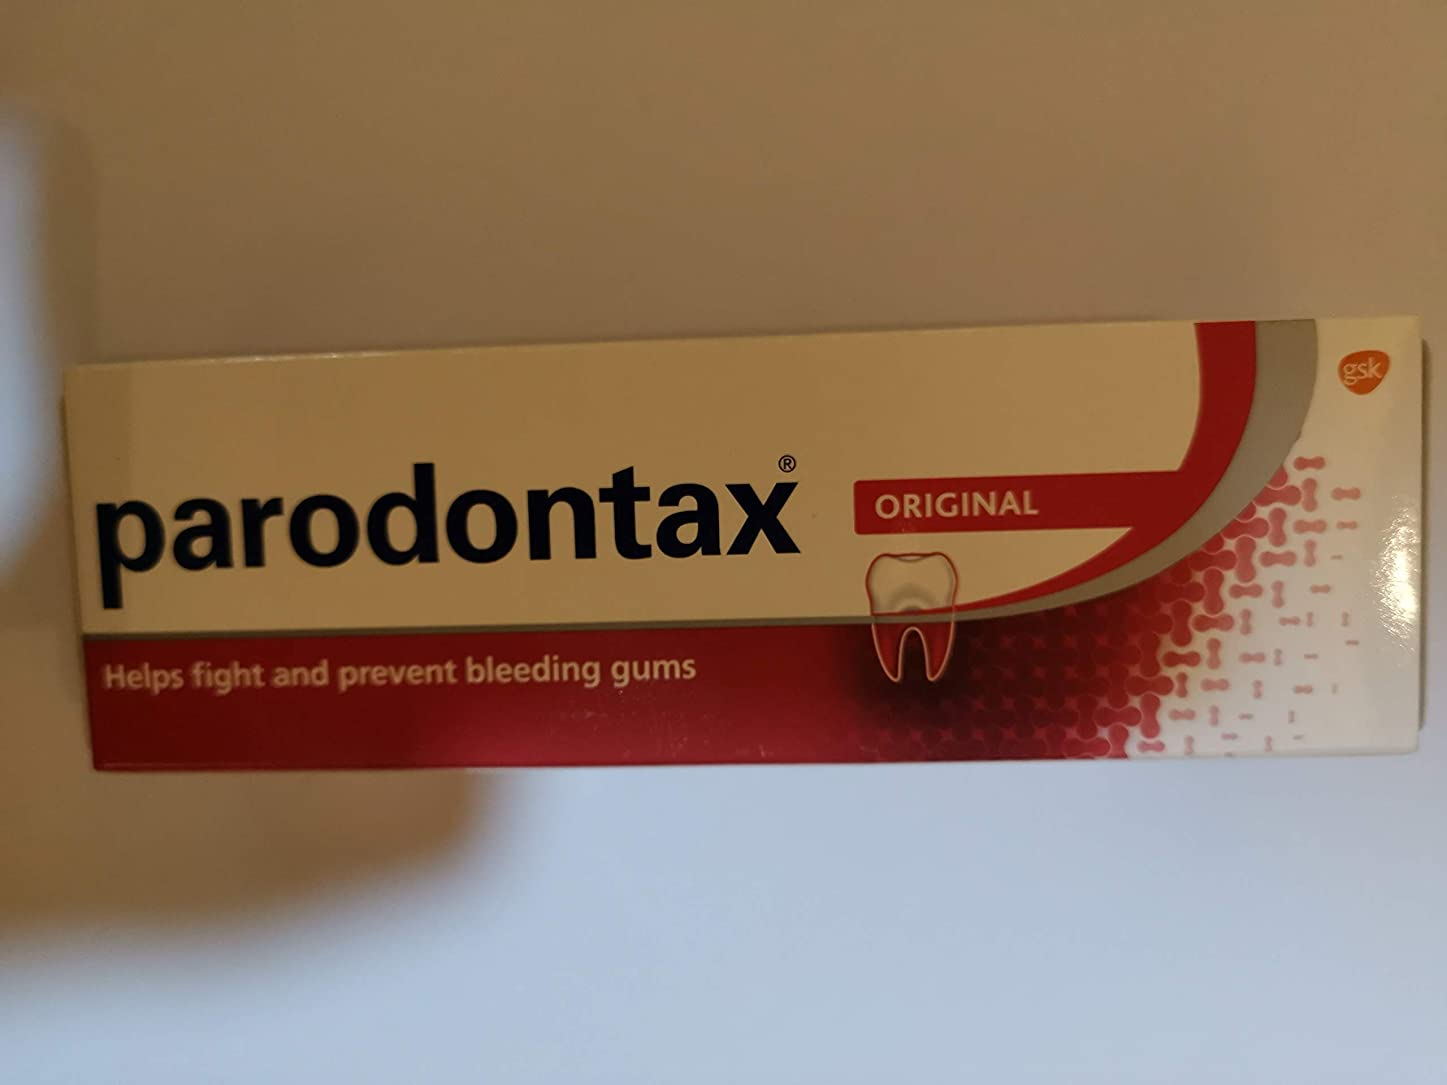 増強あたたかいアウトドアParodontax 一日あたりのフッ化物歯磨き粉(90グラム)フッ化物歯磨き粉の毎日は、歯垢の除去を助けると歯茎の出血を防ぐことができます